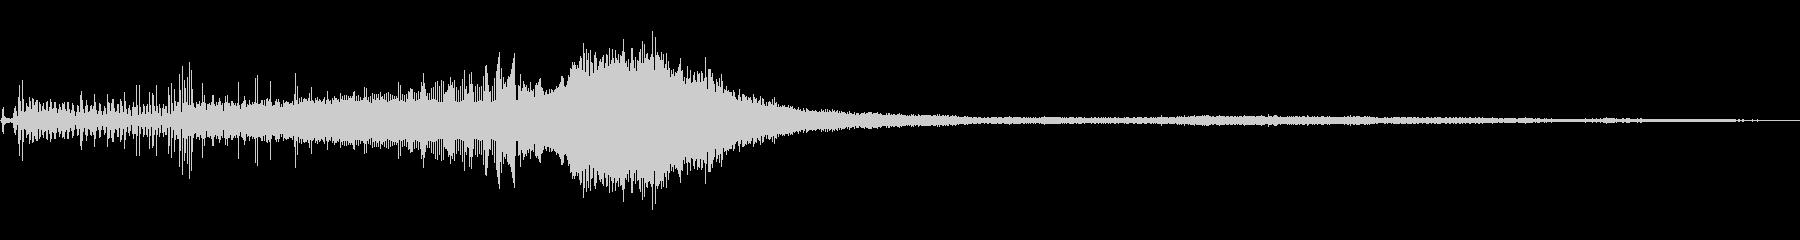 ヤマハ600:スタート、非常に高速...の未再生の波形